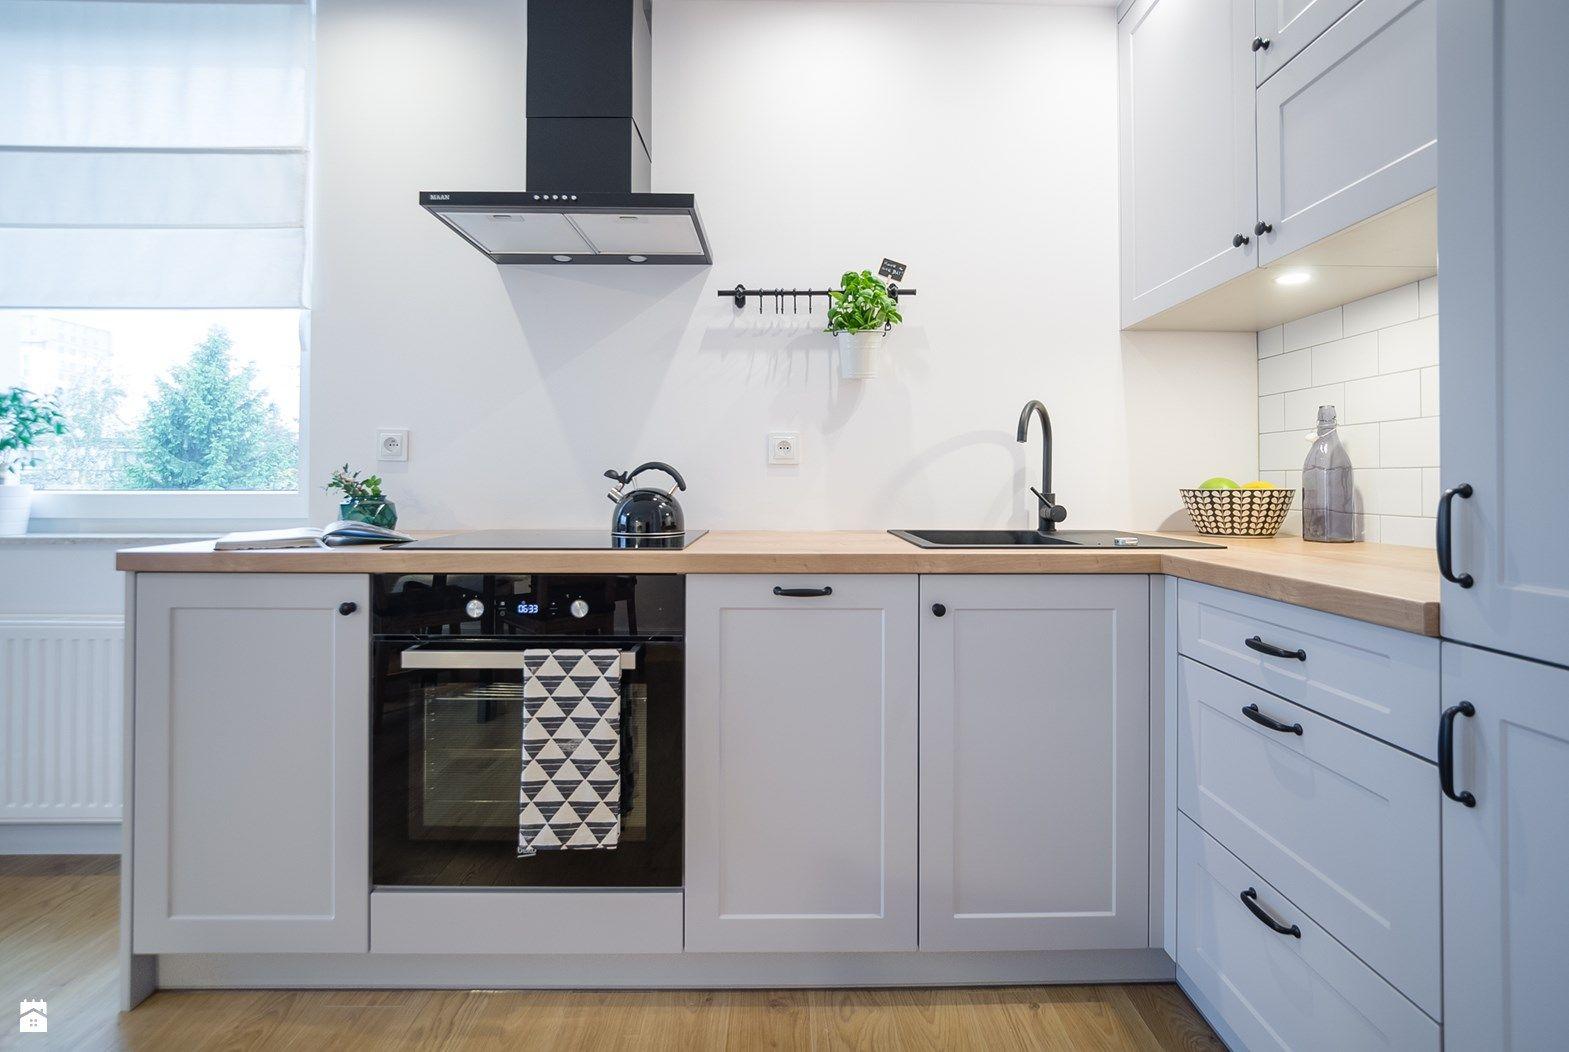 Wystroj Wnetrz Kuchnia Pomysly Na Aranzacje Projekty Ktore Stanowia Prawdziwe Inspiracje D Home Decor Kitchen Kitchen Inspirations Kitchen Colour Schemes